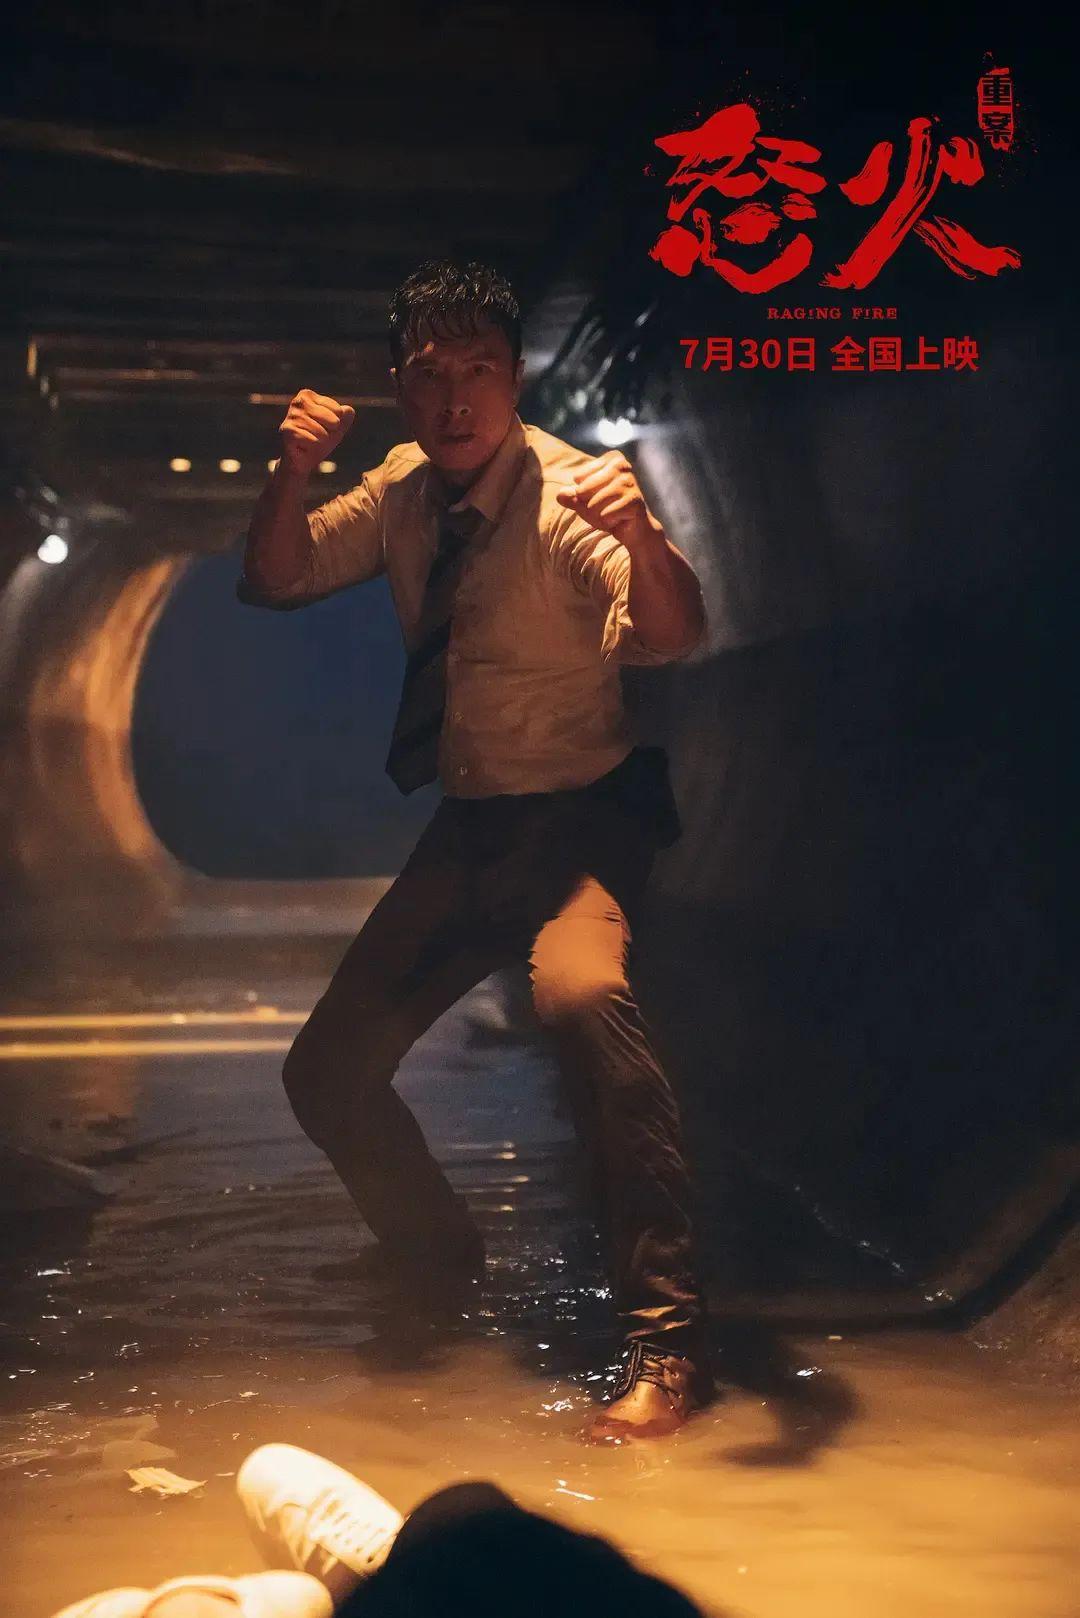 甄子丹如何给《怒火·重案》做动作导演 专访